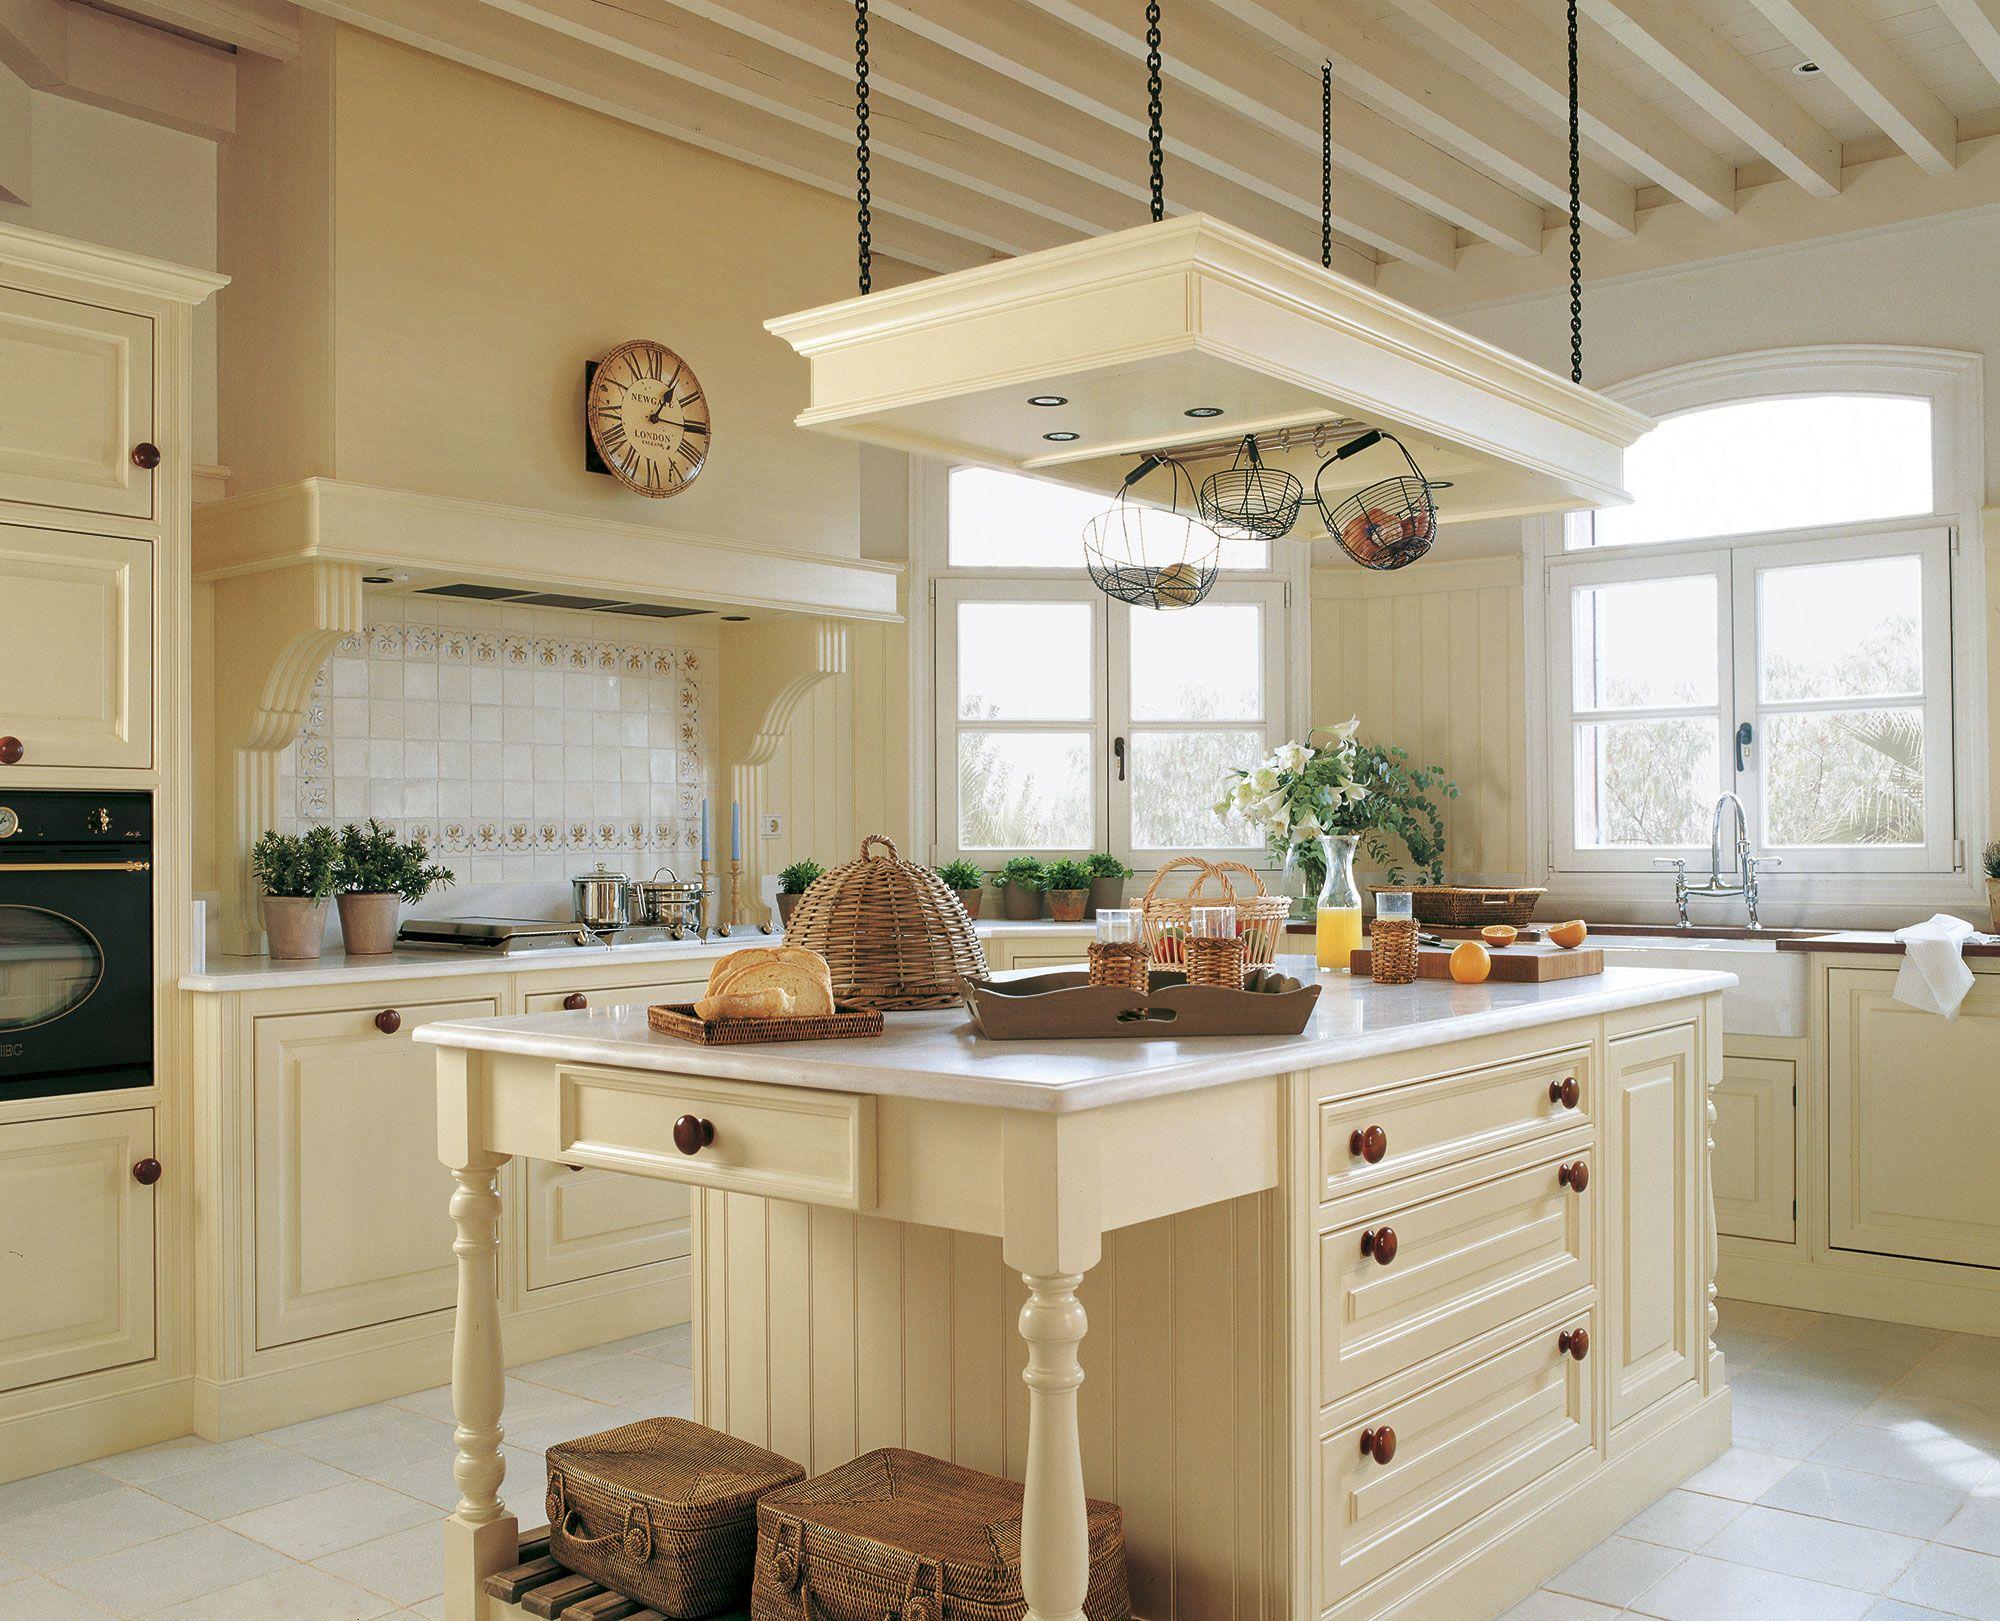 Cocina en color crema con isla y campana de obra ideas - Campana de cocina ...